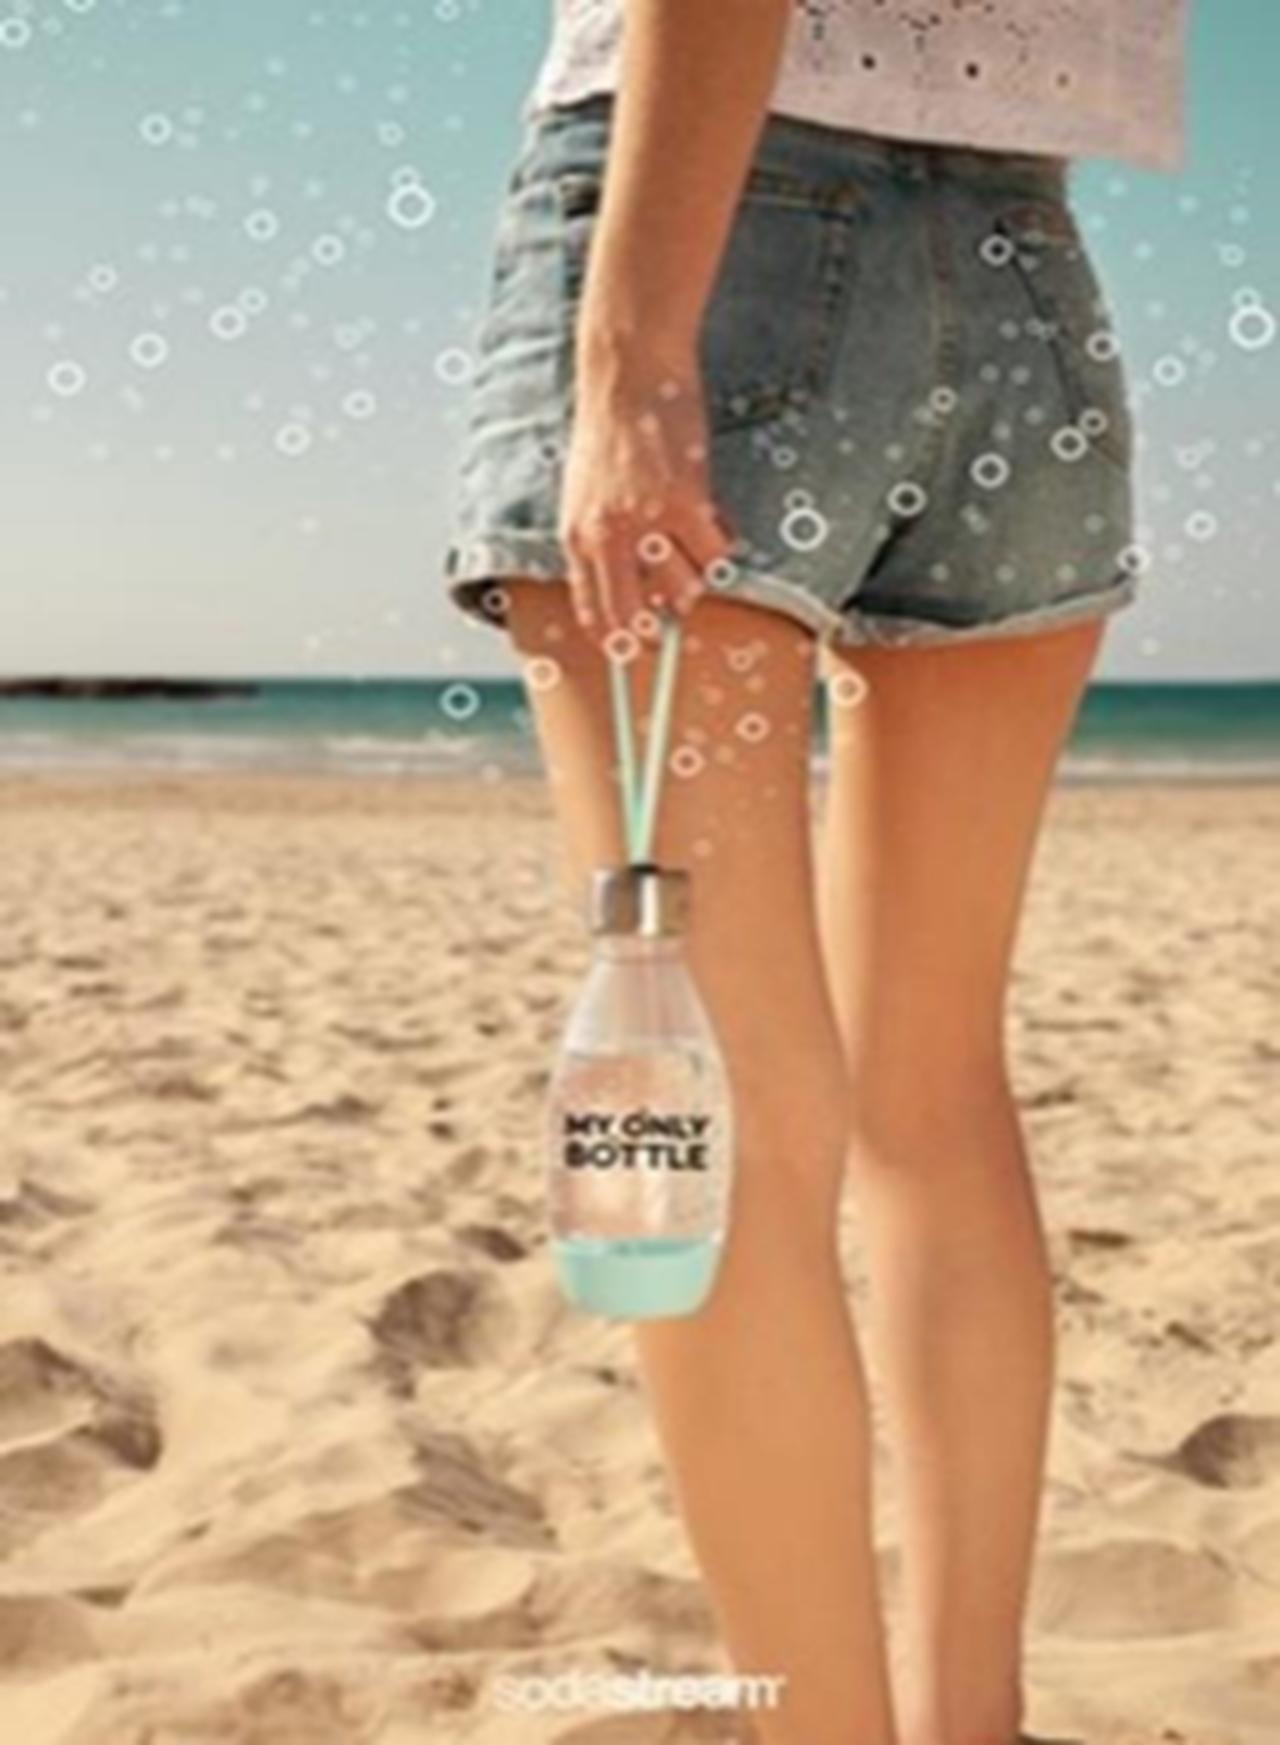 画像1: 自家製炭酸水をどこでも楽しめる、持ち歩き用ボトルがついに登場!